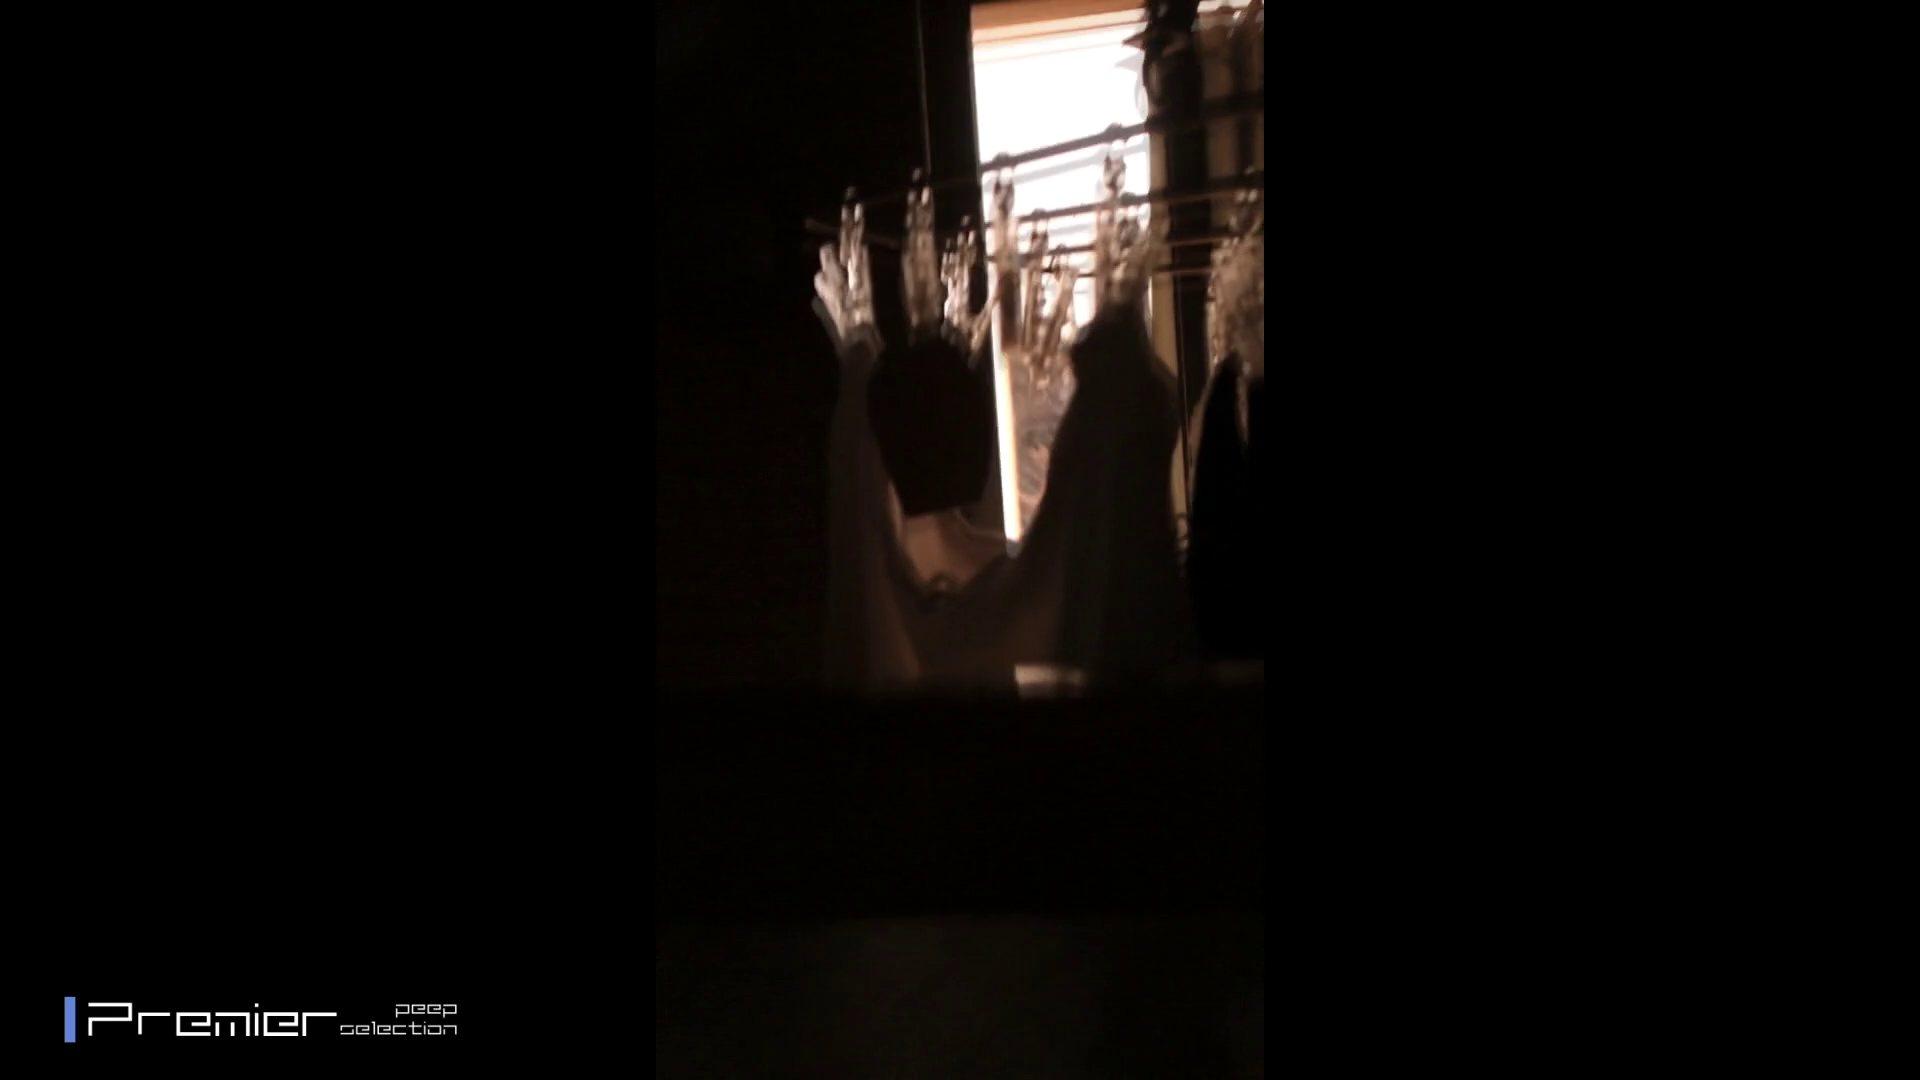 美人 OL のおっぱいとセクシーランジェリー  美女達の私生活に潜入! 美女 盗撮オマンコ無修正動画無料 47pic 15